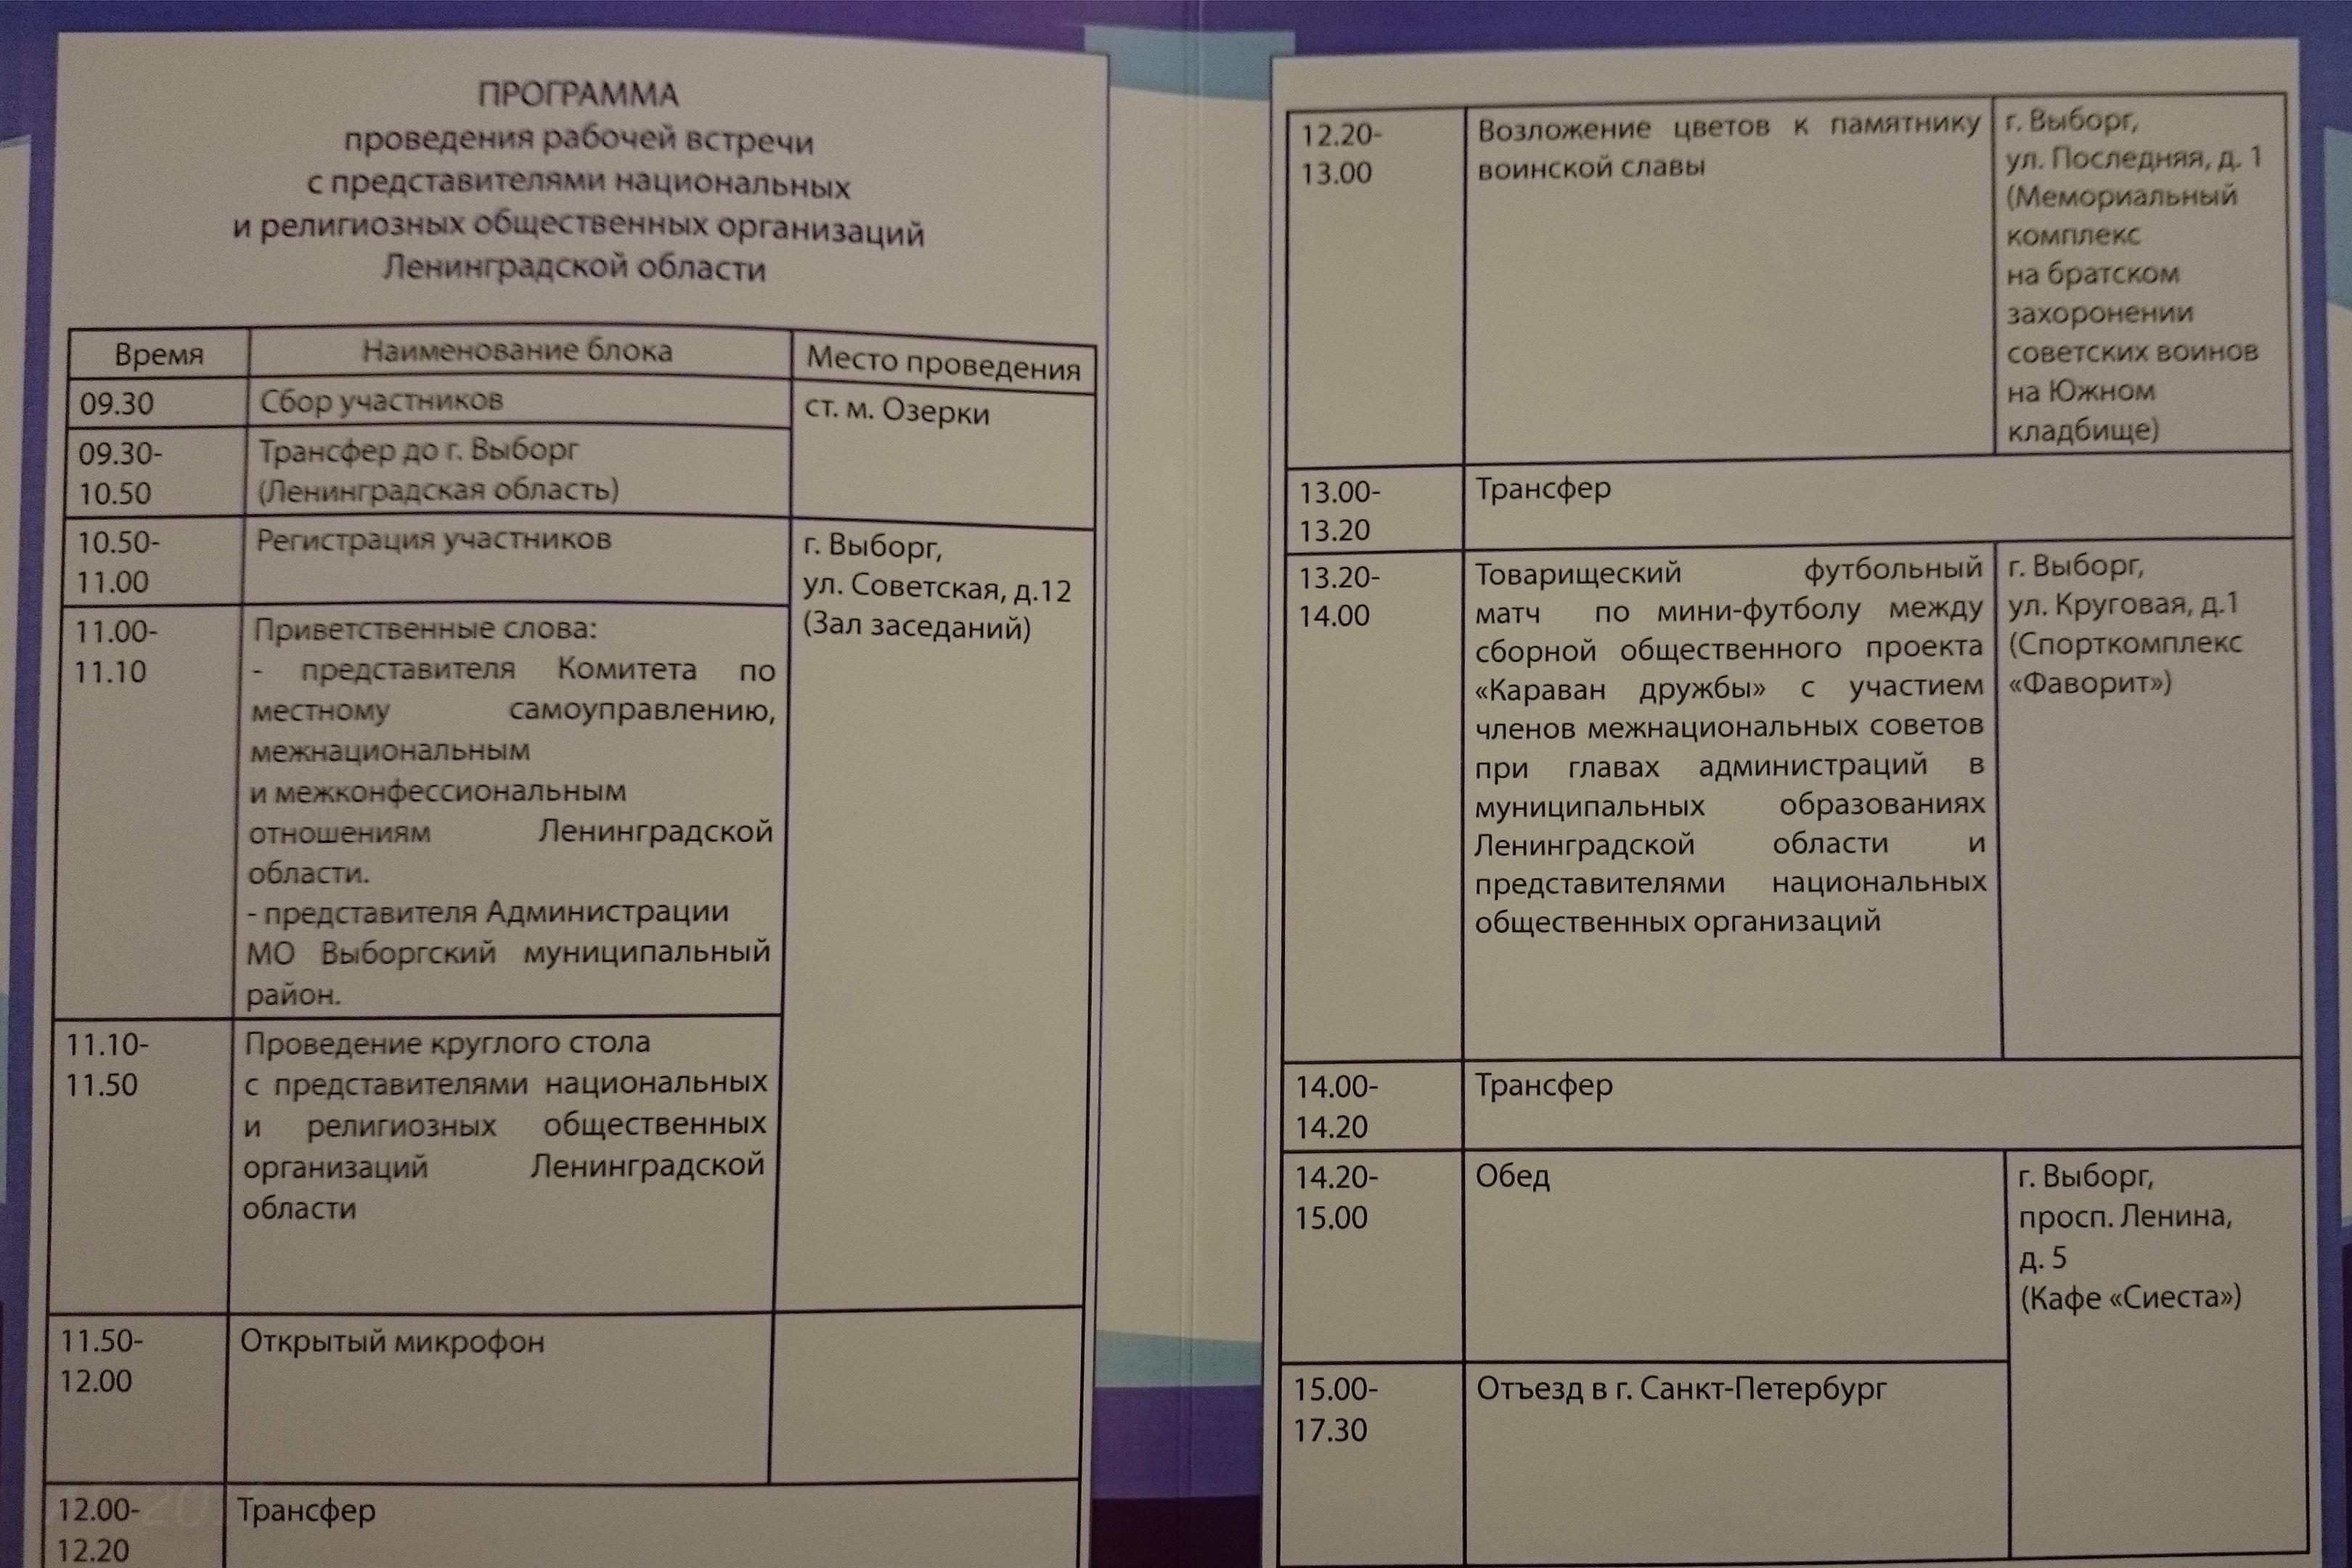 Программа Рабочей встречи с представителями национальных и религиозных общественных организаций Ленинградской области, Выборг, 28.10.2016